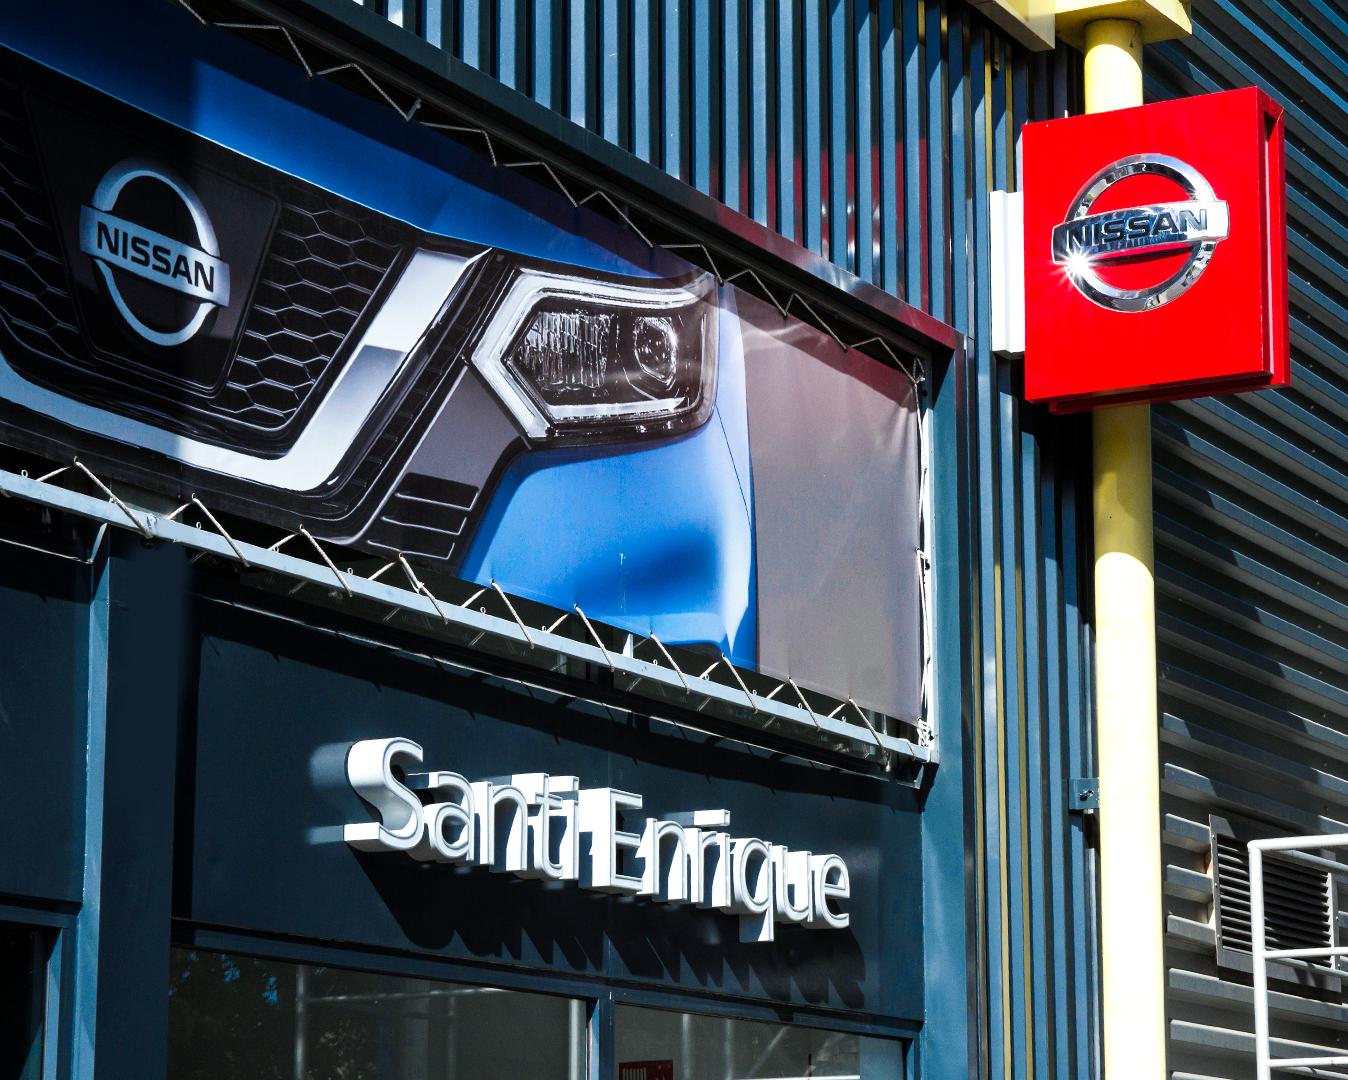 Nissan Santi Enrique està ubicat a la carretera de Rubí FOTO: Cedida